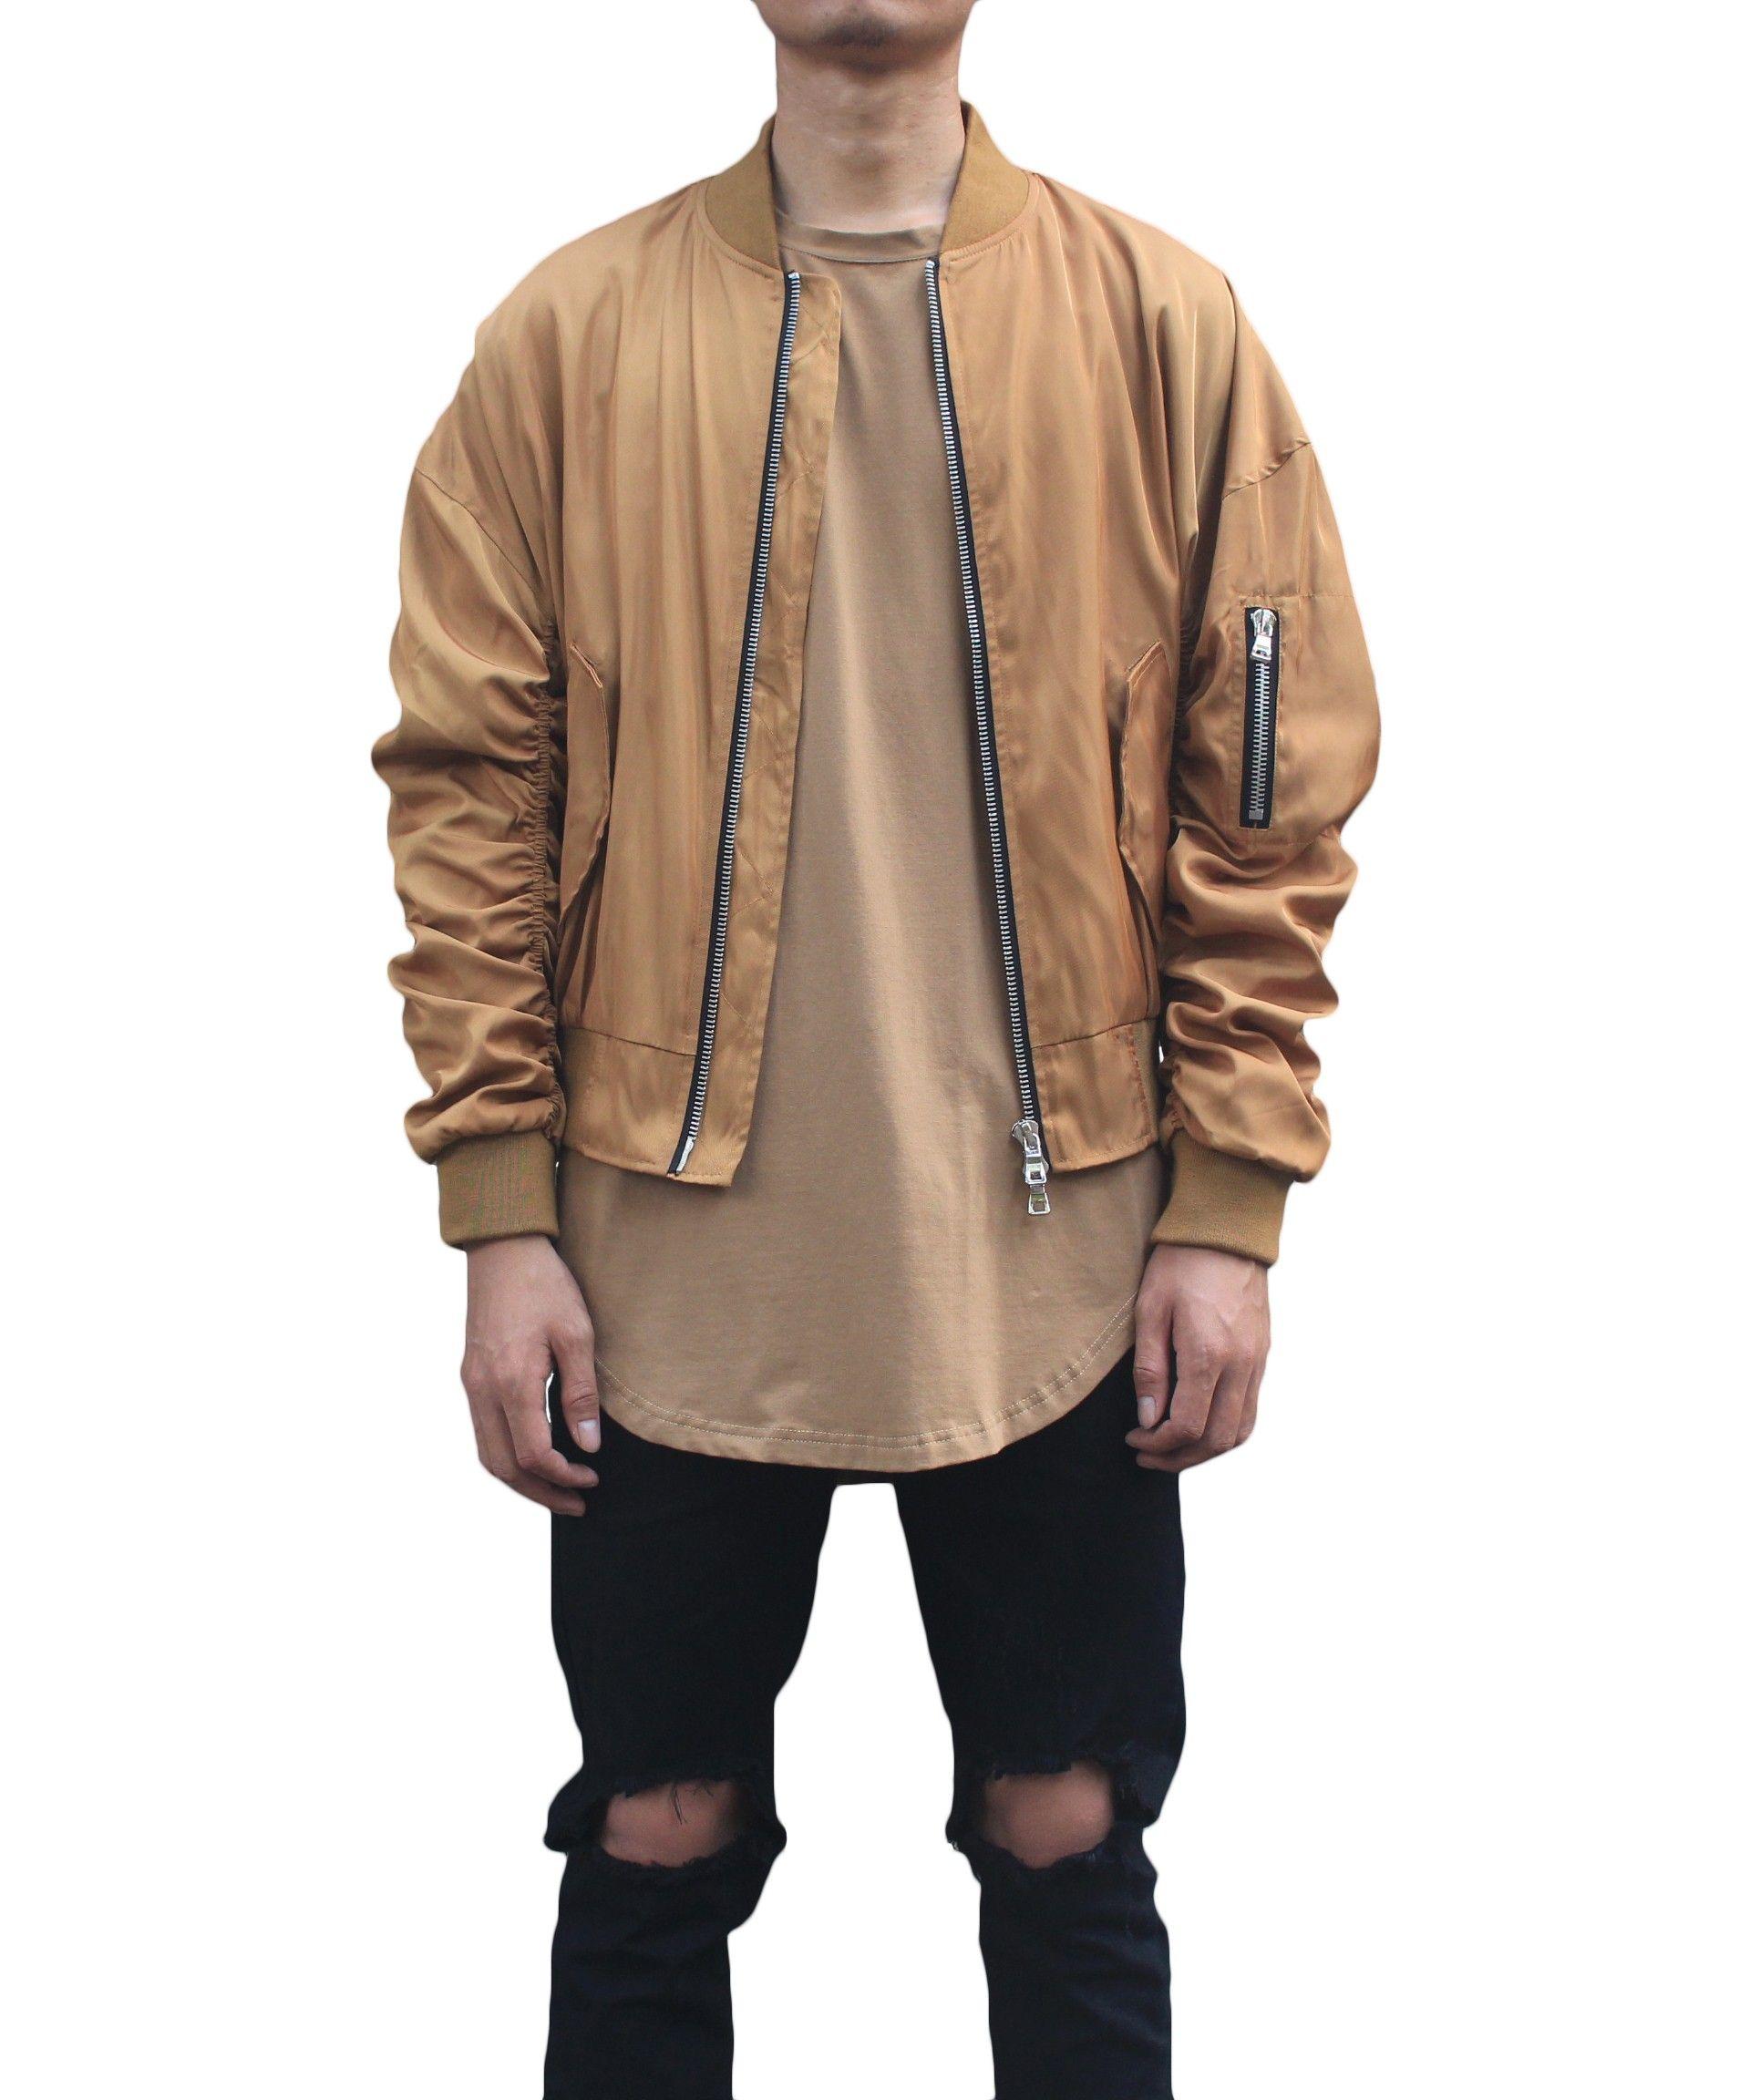 Oversized Bomber Jacket Gold Jackets Men Fashion Oversized Bomber Jacket Jackets [ 2304 x 1920 Pixel ]